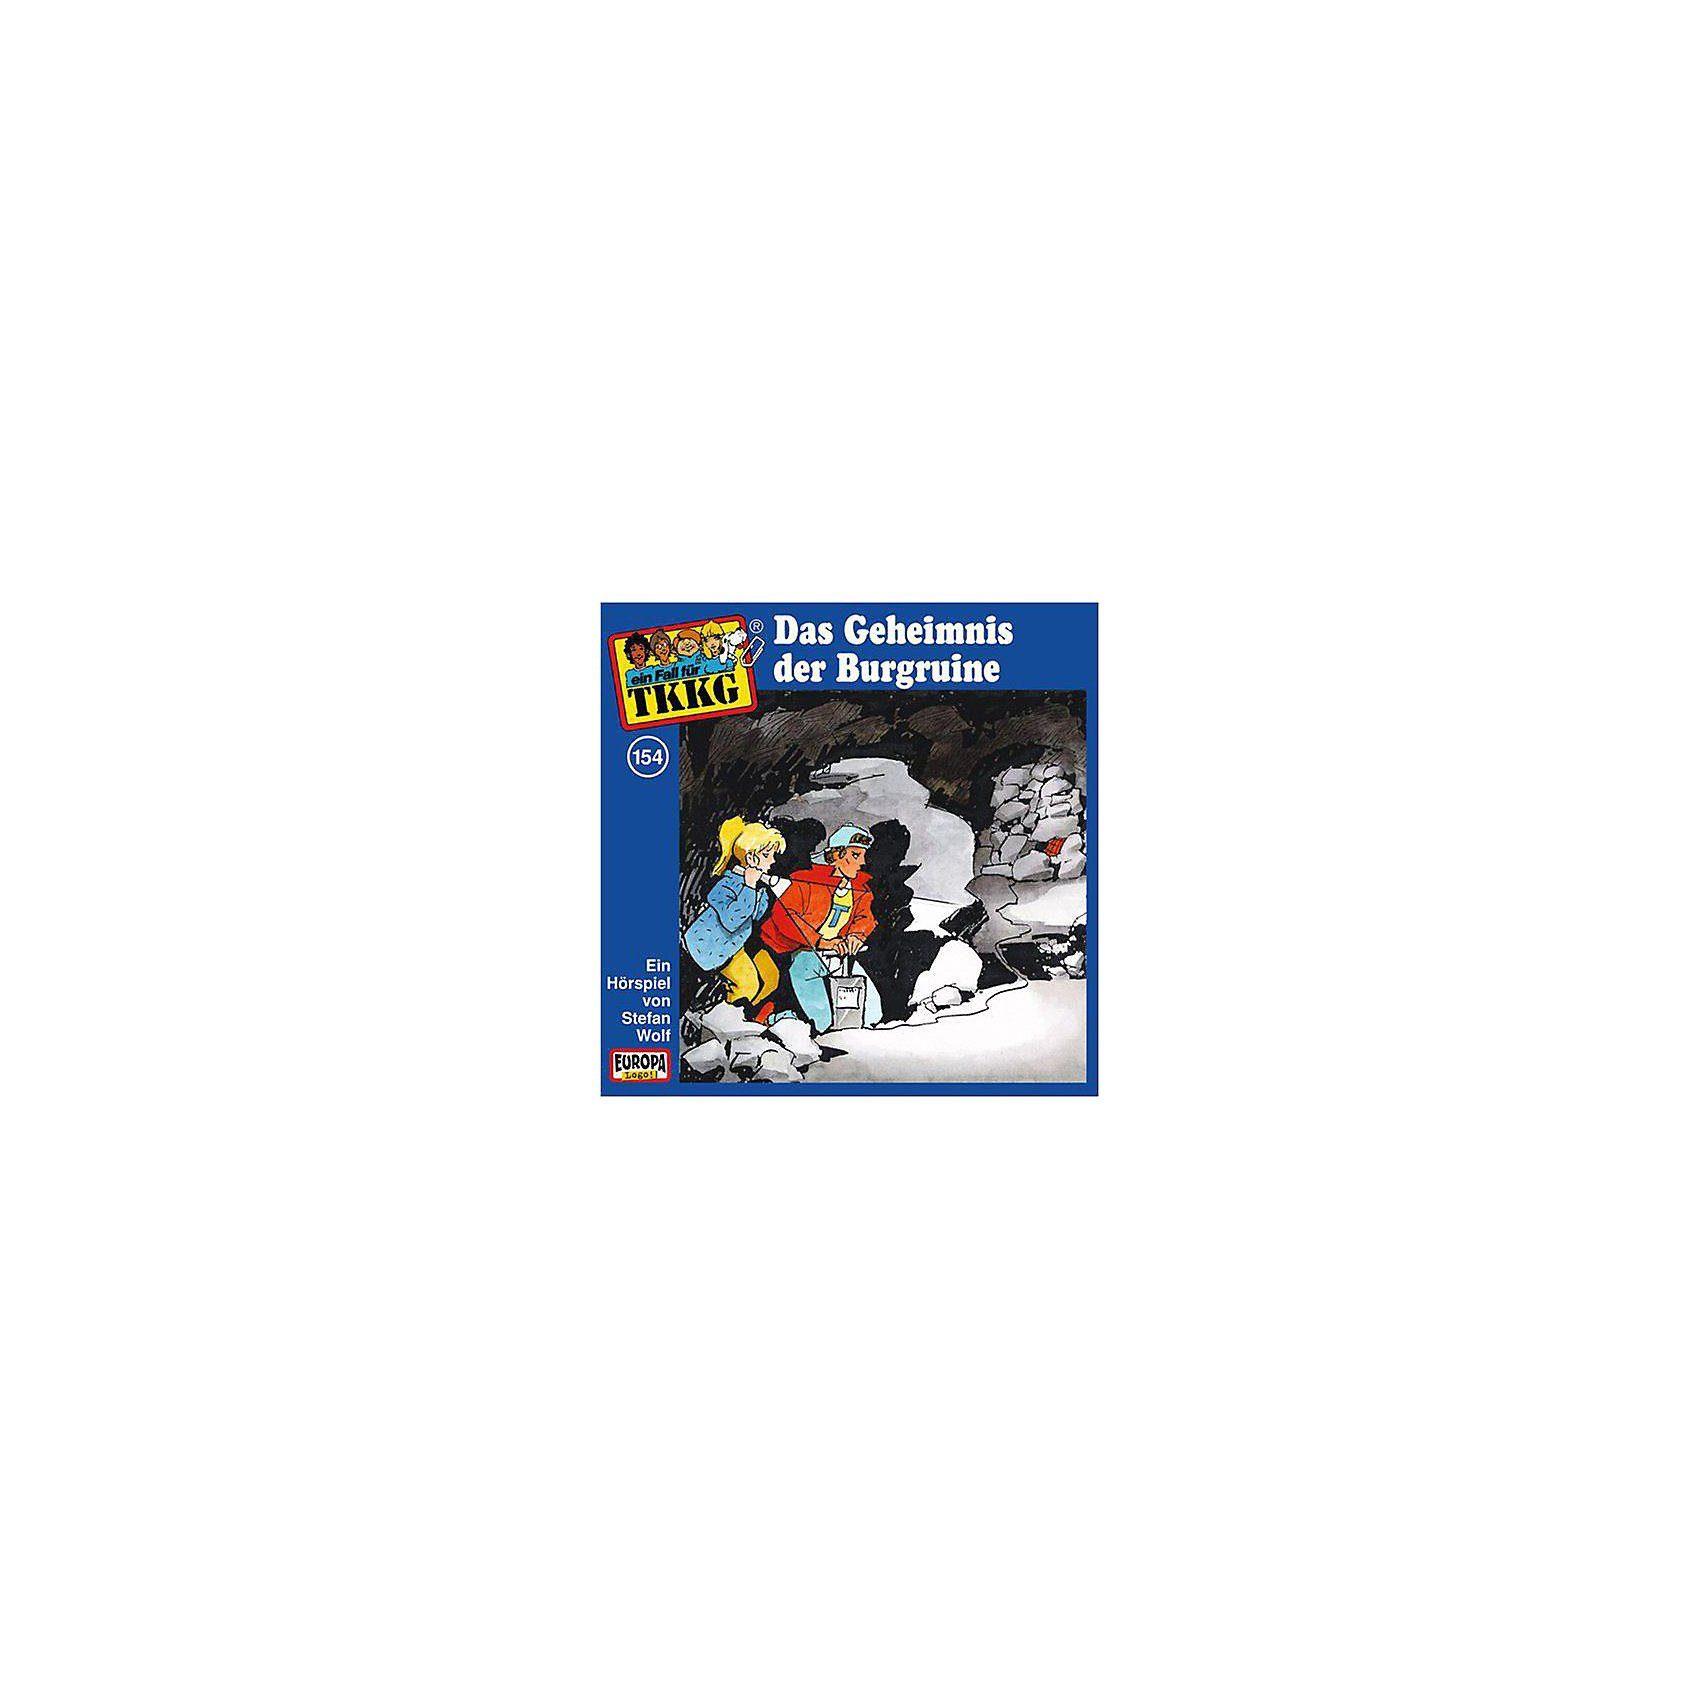 SONY BMG MUSIC CD TKKG 154 (Geheimnis der Burgruine)